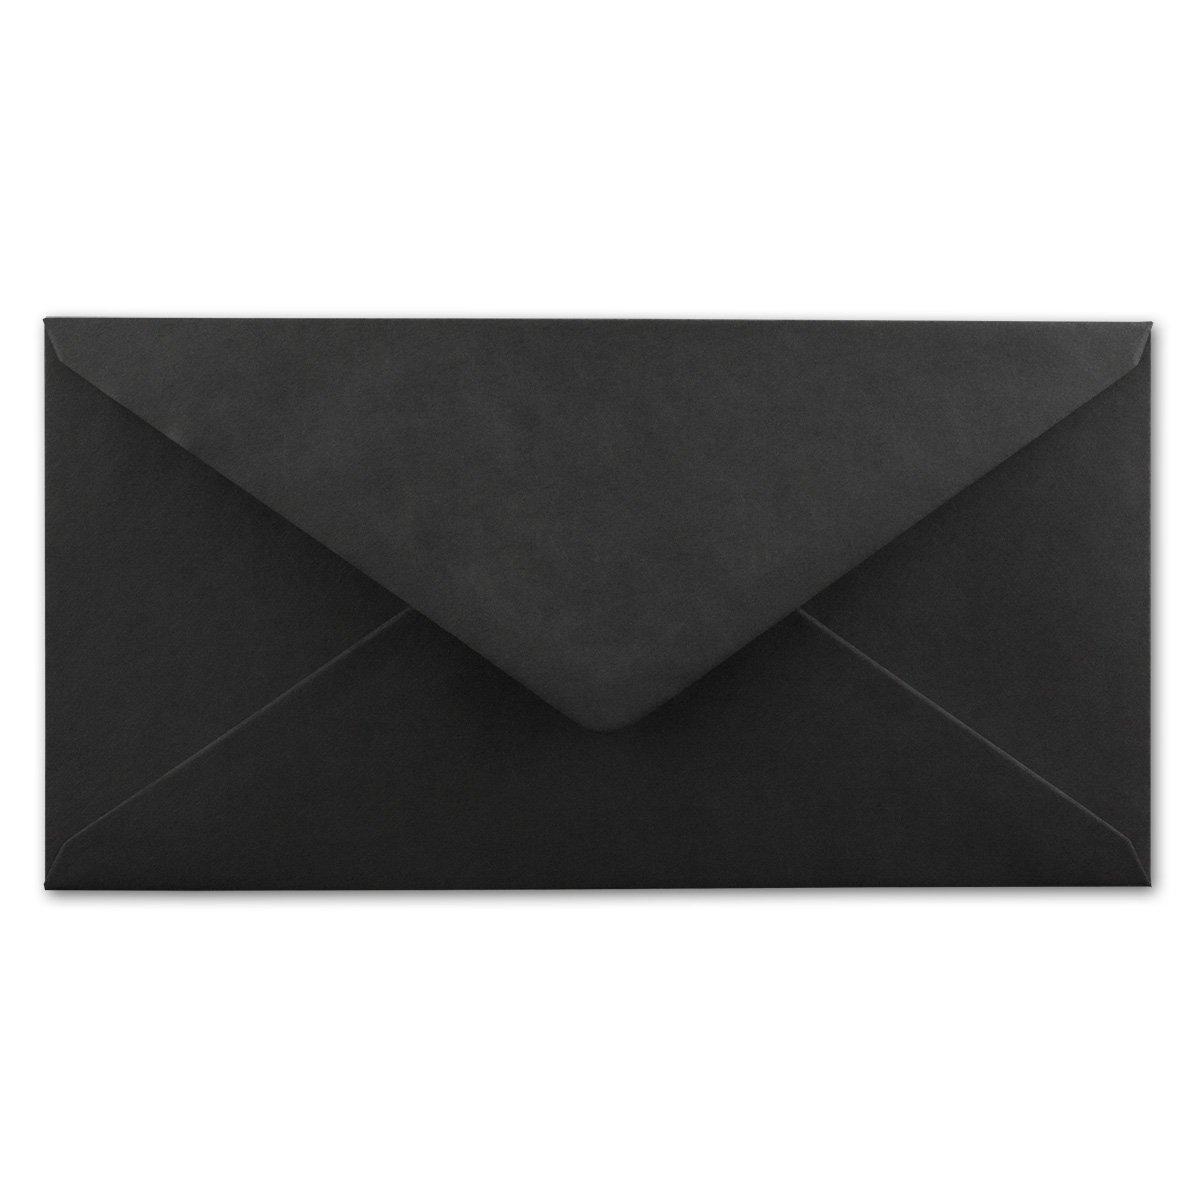 250 Brief-Umschläge Bronze Bronze Bronze Metallic DIN Lang - 110 x 220 mm (11 x 22 cm) - Nassklebung ohne Fenster - Ideal für Einladungs-Karten - Serie FarbenFroh® B077JZ1WMM | Up-to-date-styling  4522c1